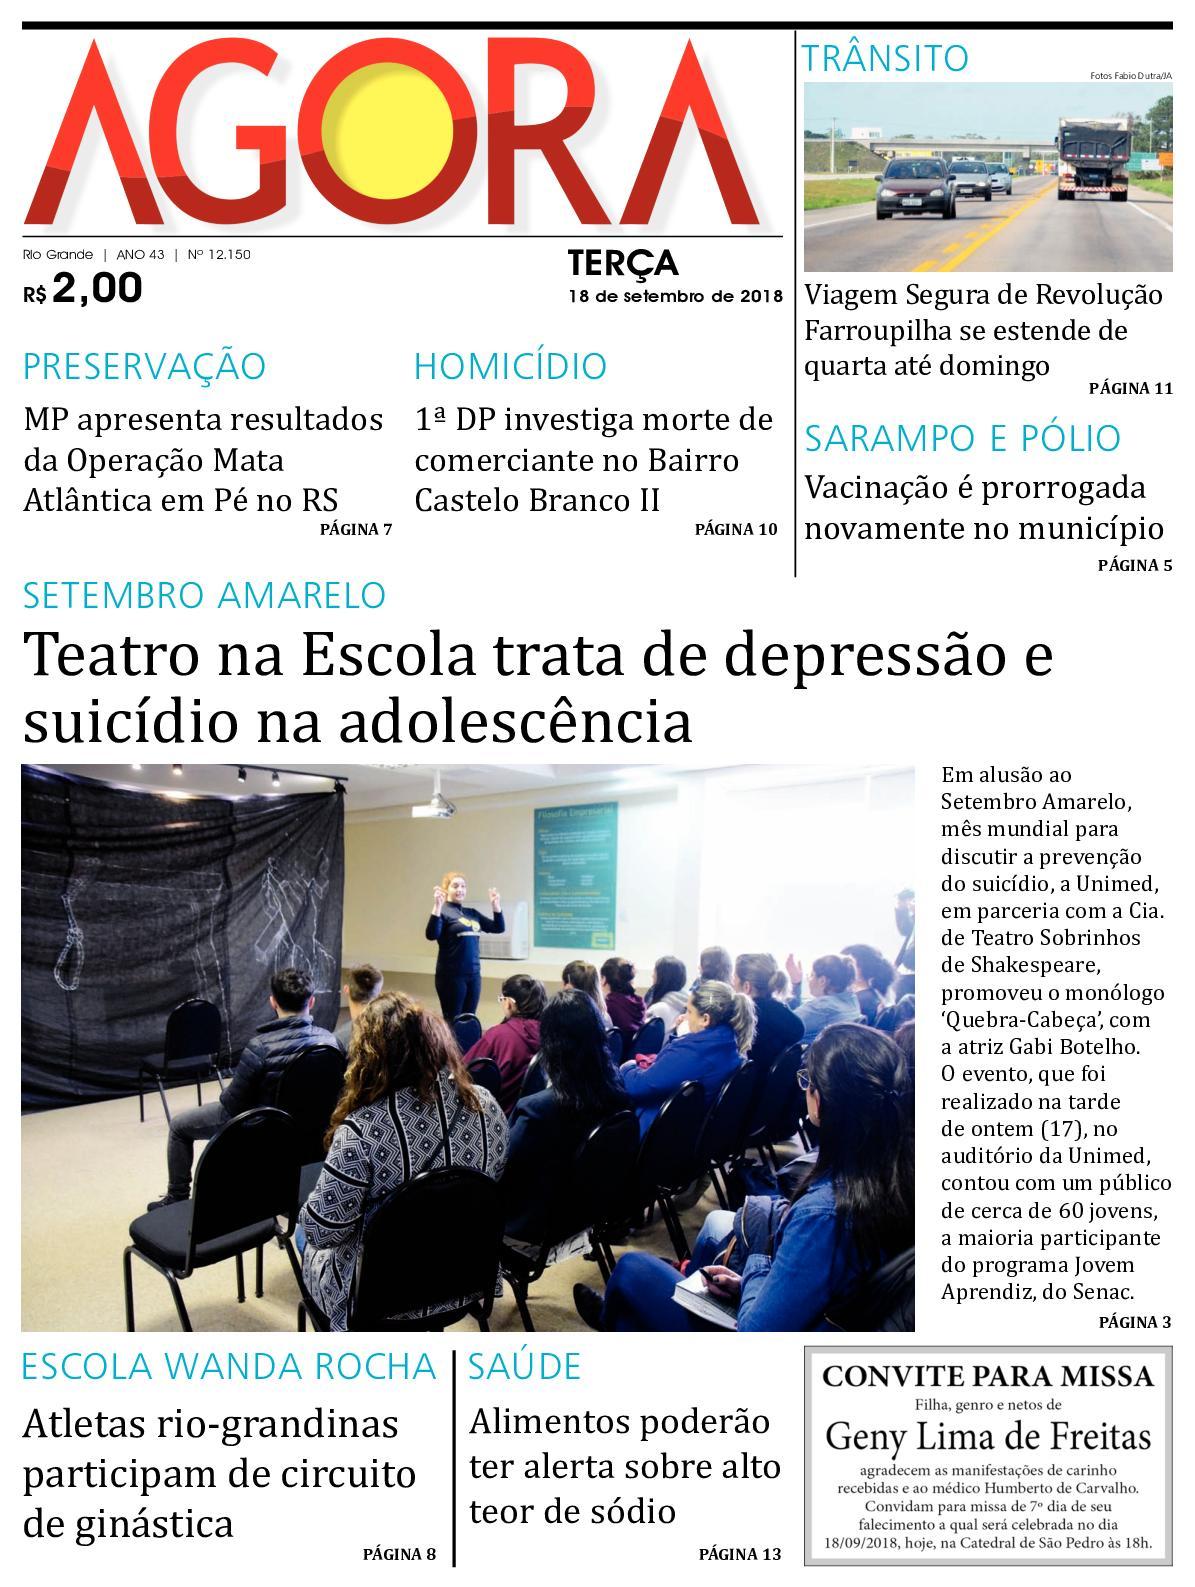 14fda59ea Calaméo - Jornal Agora - Edição 12150 - 18 de Setembro de 2018